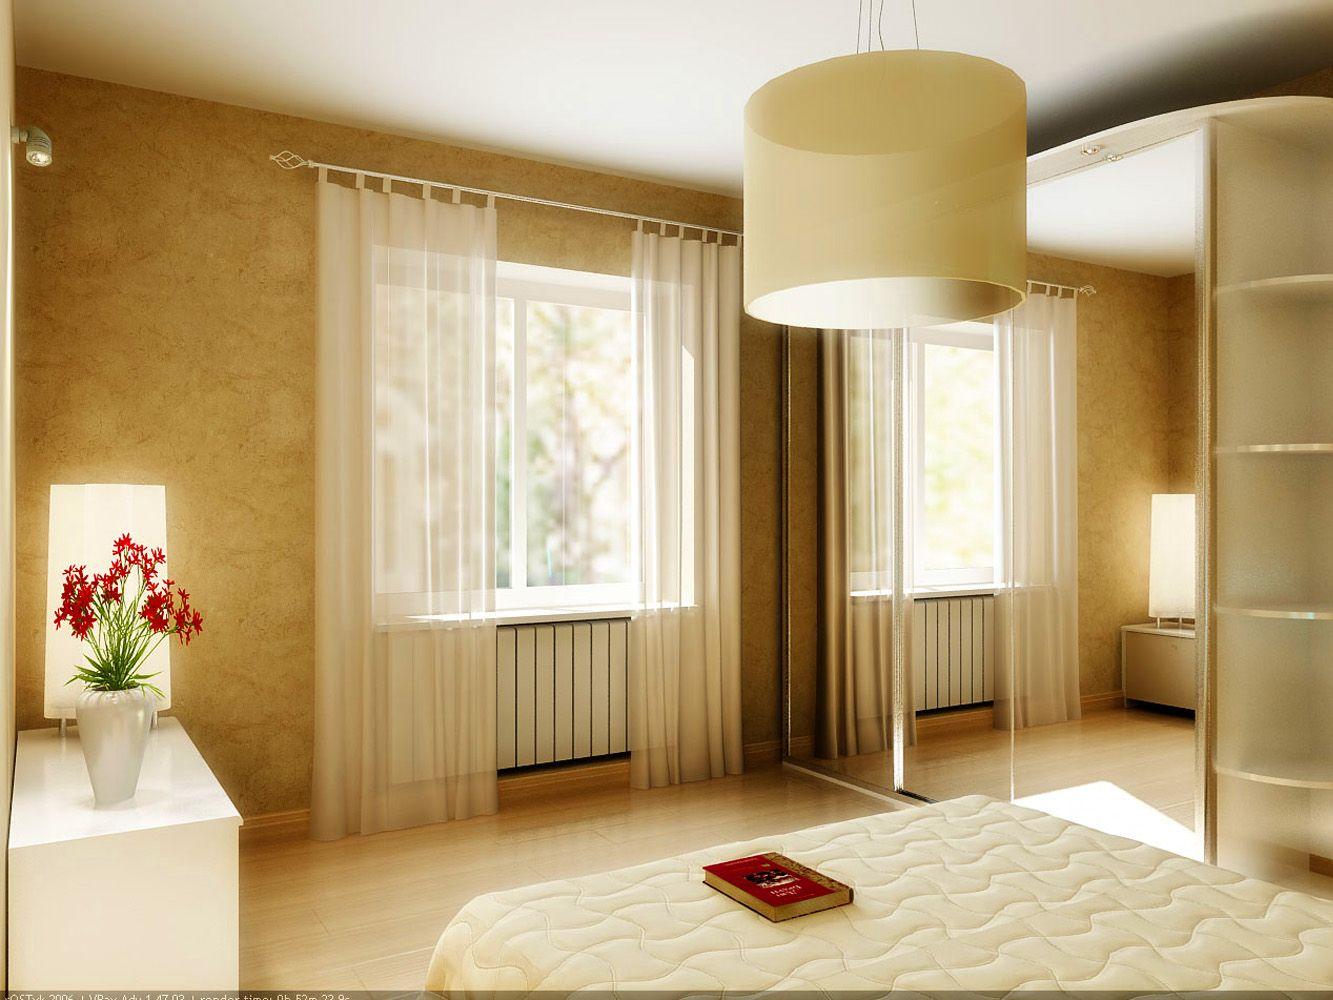 Interior decorator cost design ideas picture also home rh in pinterest